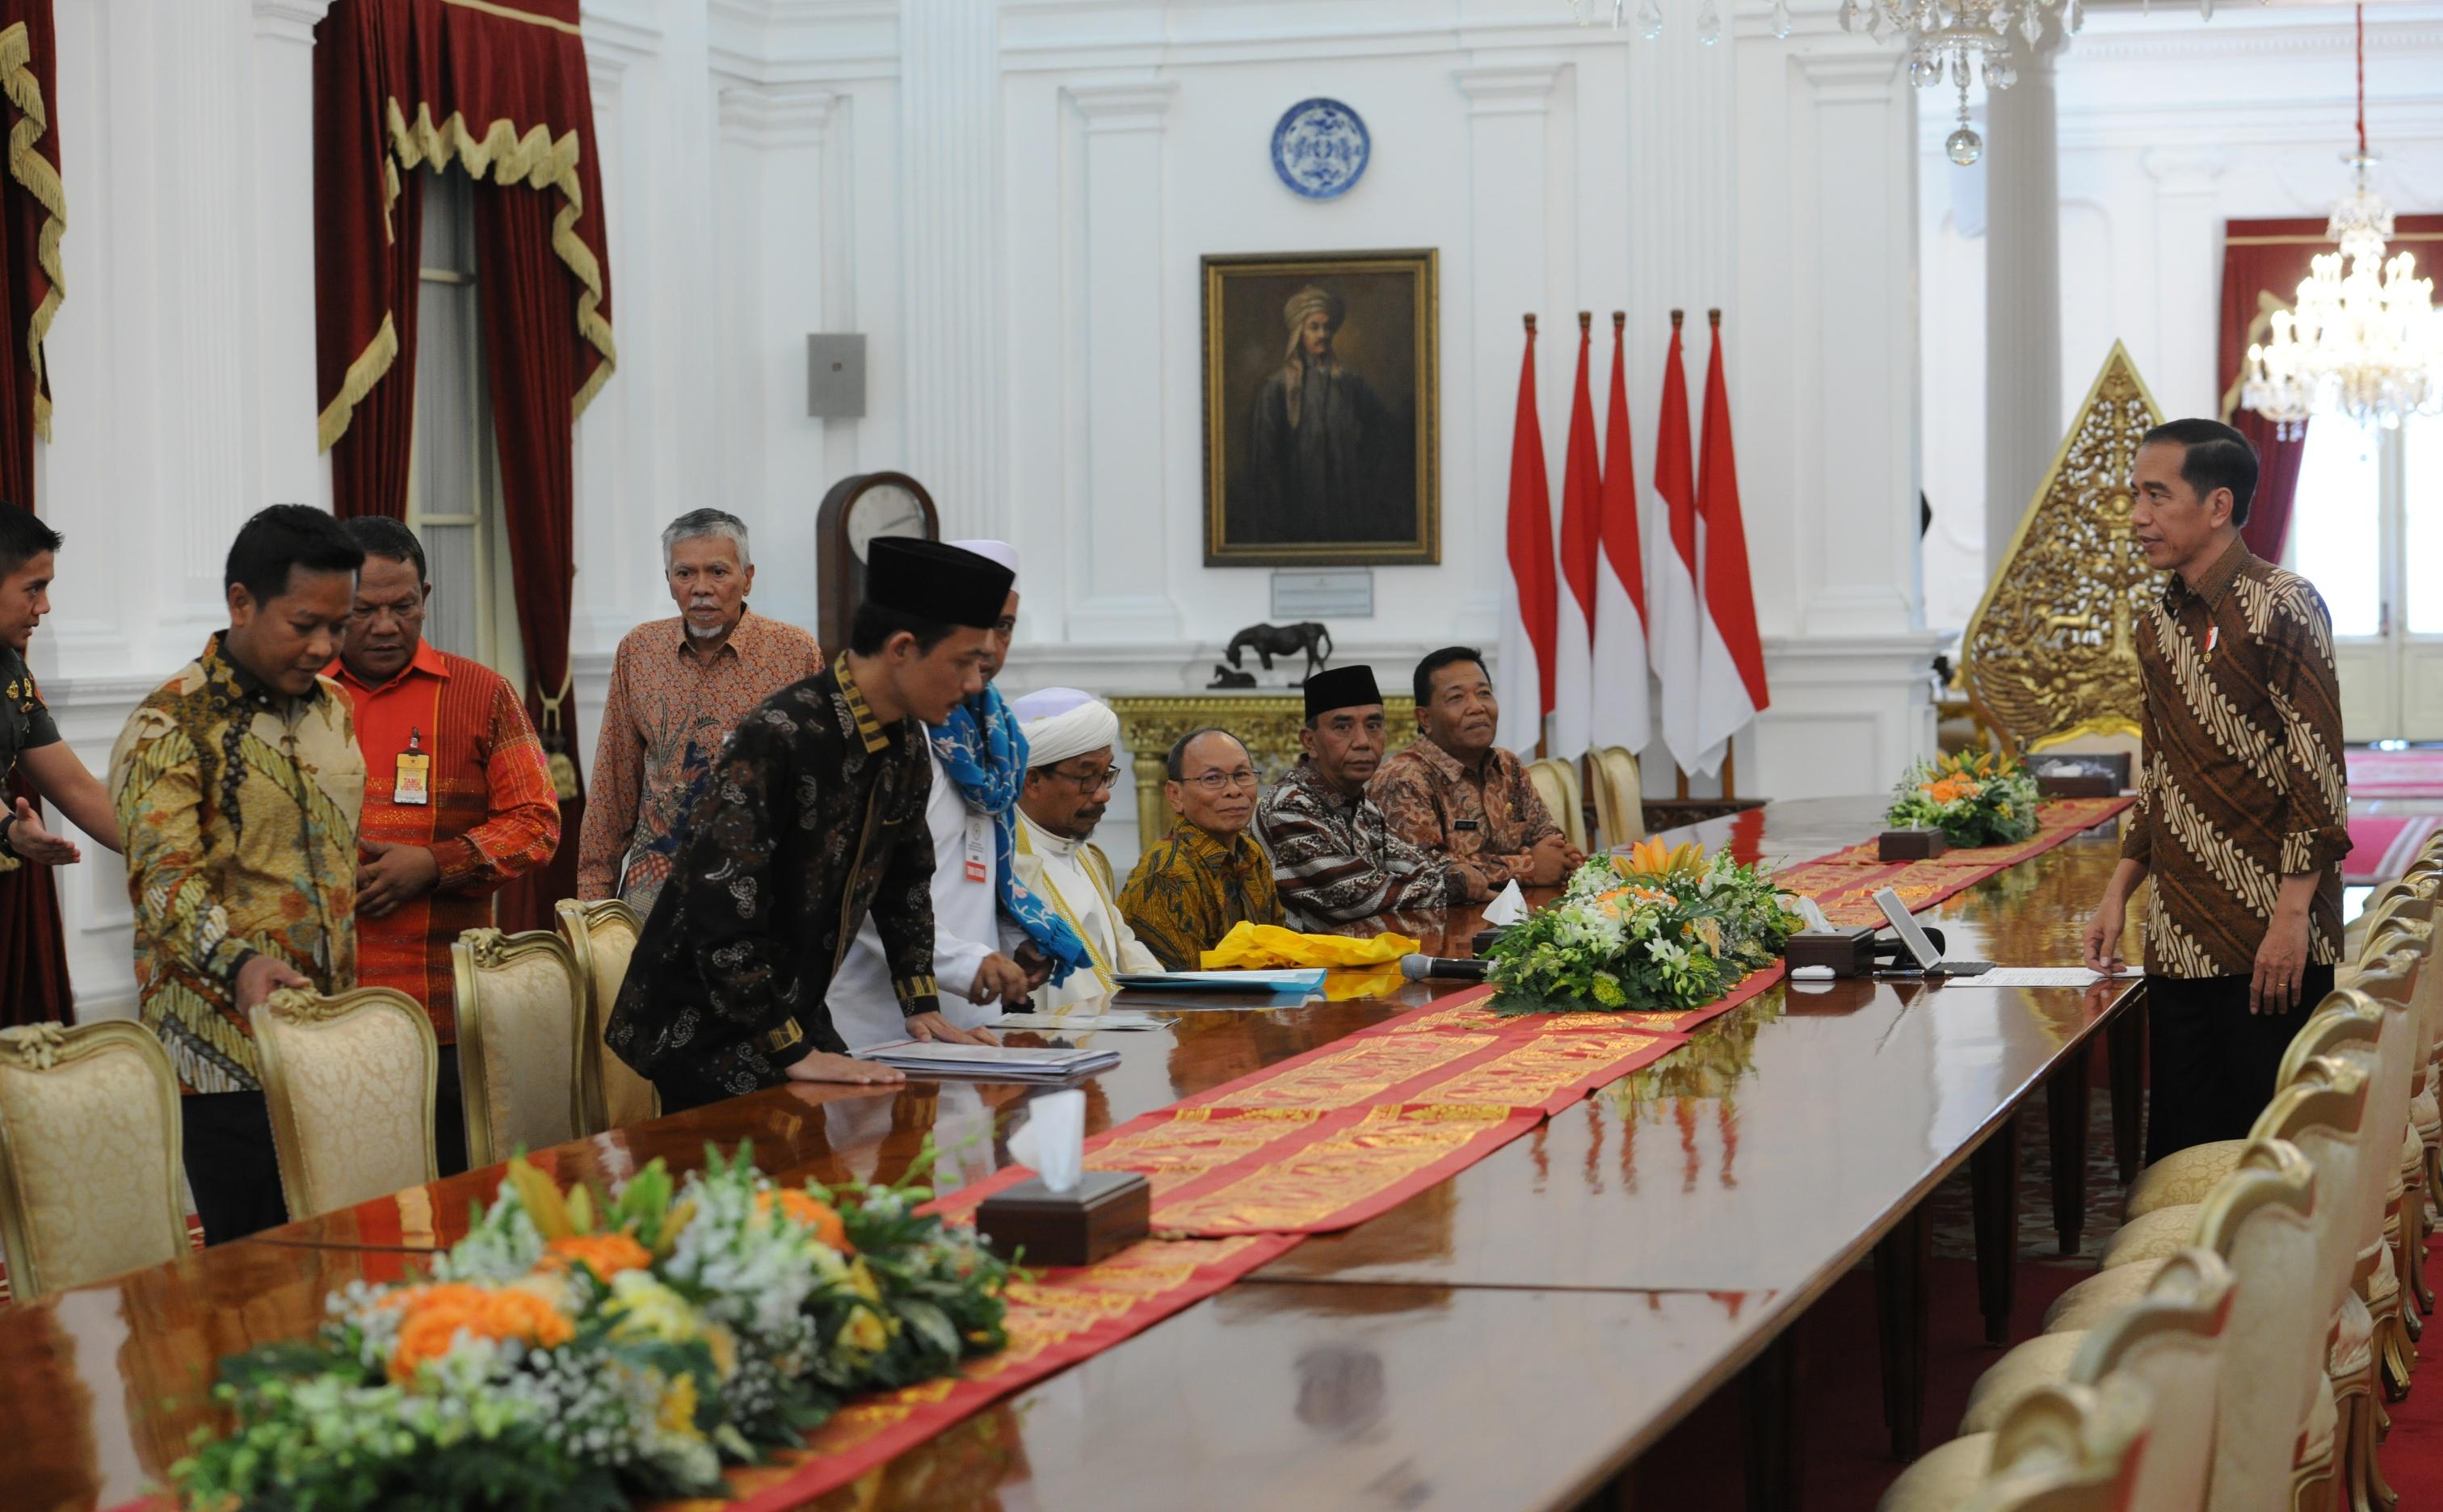 Presiden Jokowi saat menerima rombongan pengurus JBMI, di Istana Merdeka, Jakarta, Rabu (15/9) siang. (Foto: JAY/Humas)